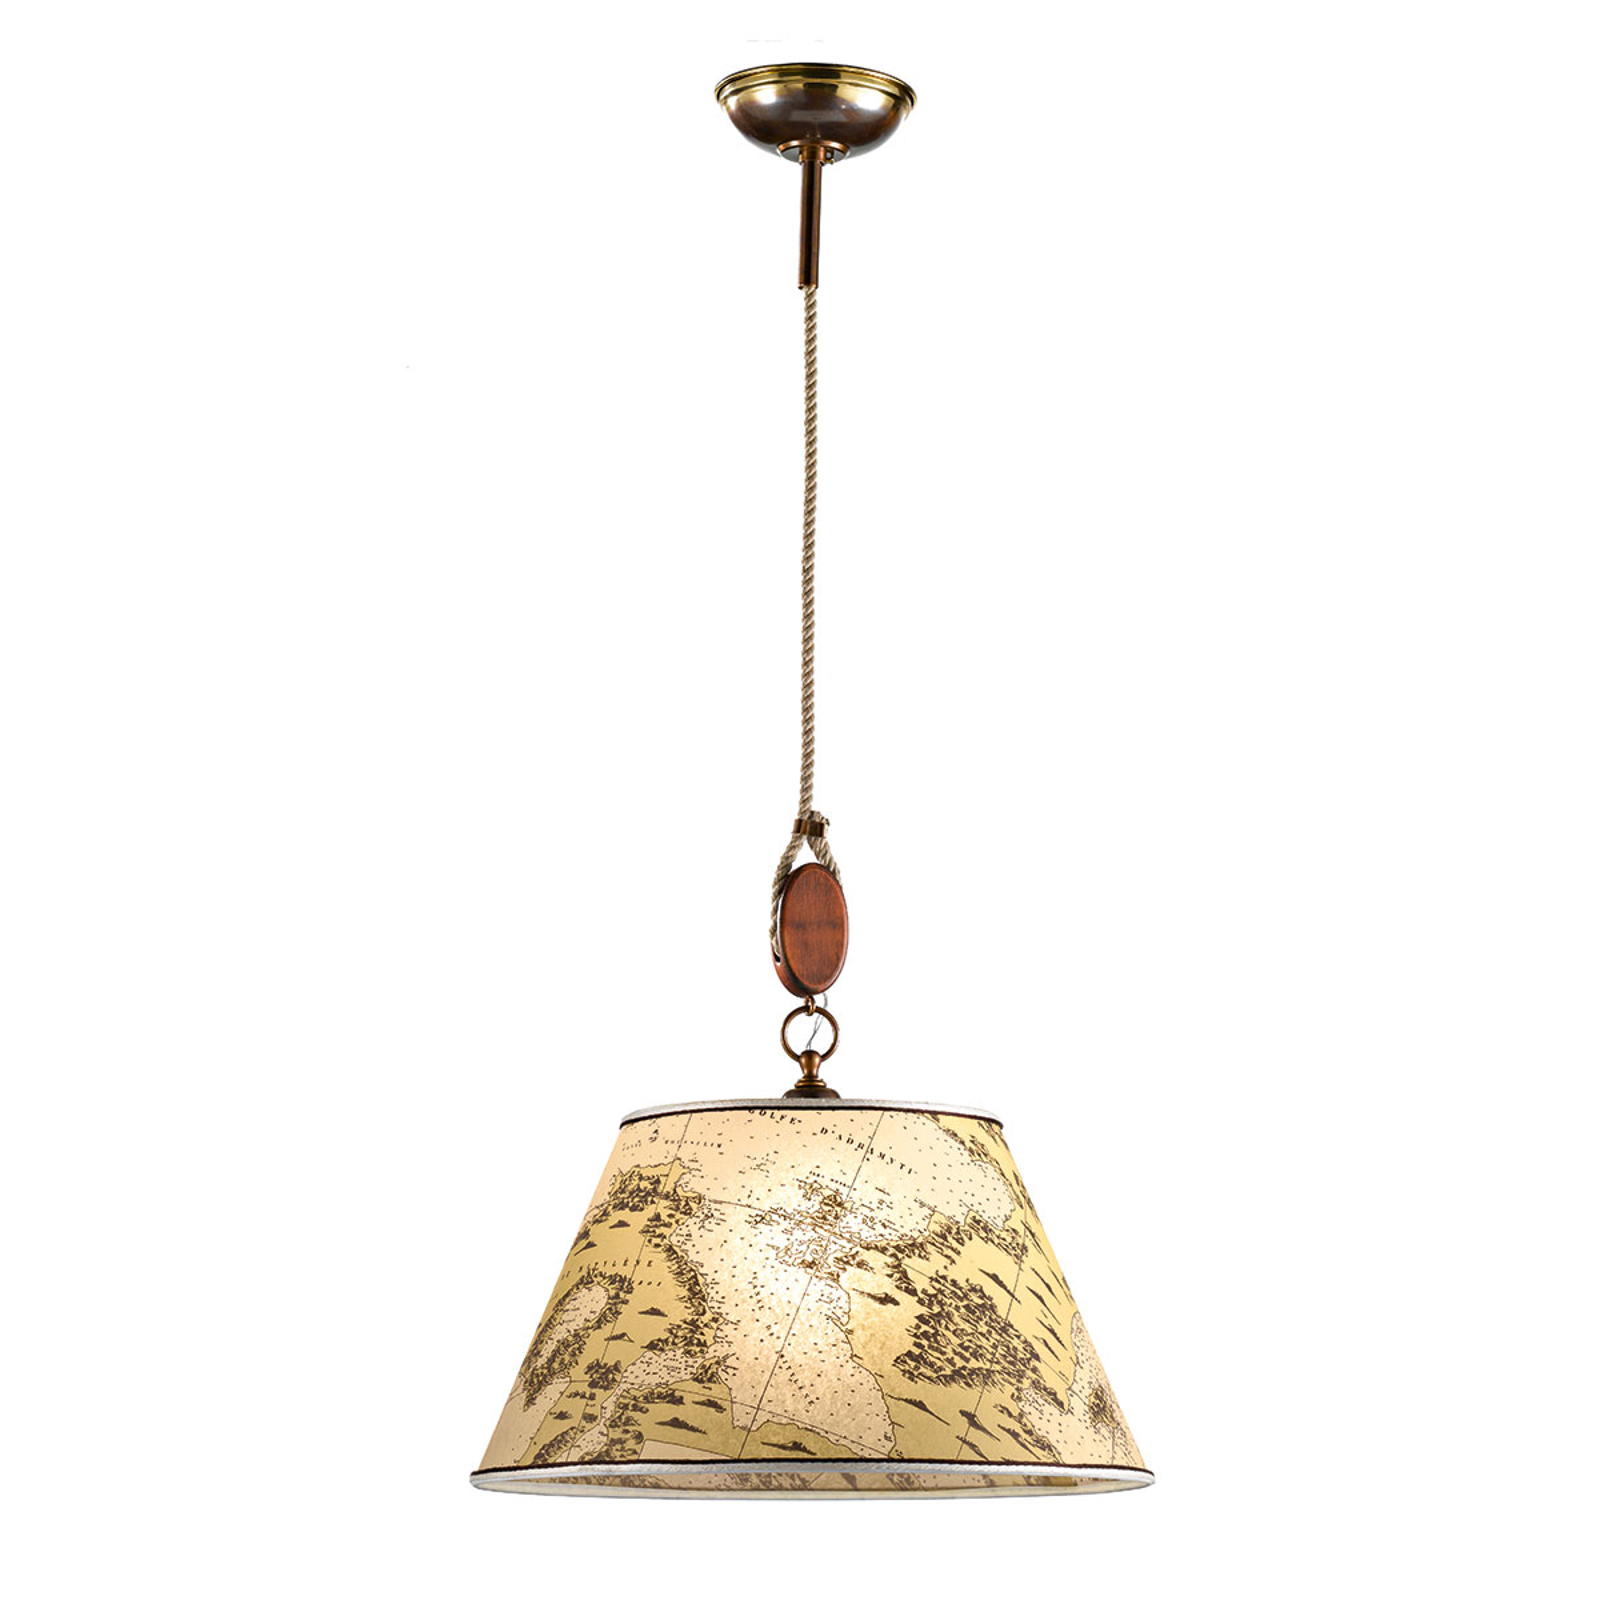 Klassisk Nautica pendellampe, 40 cm